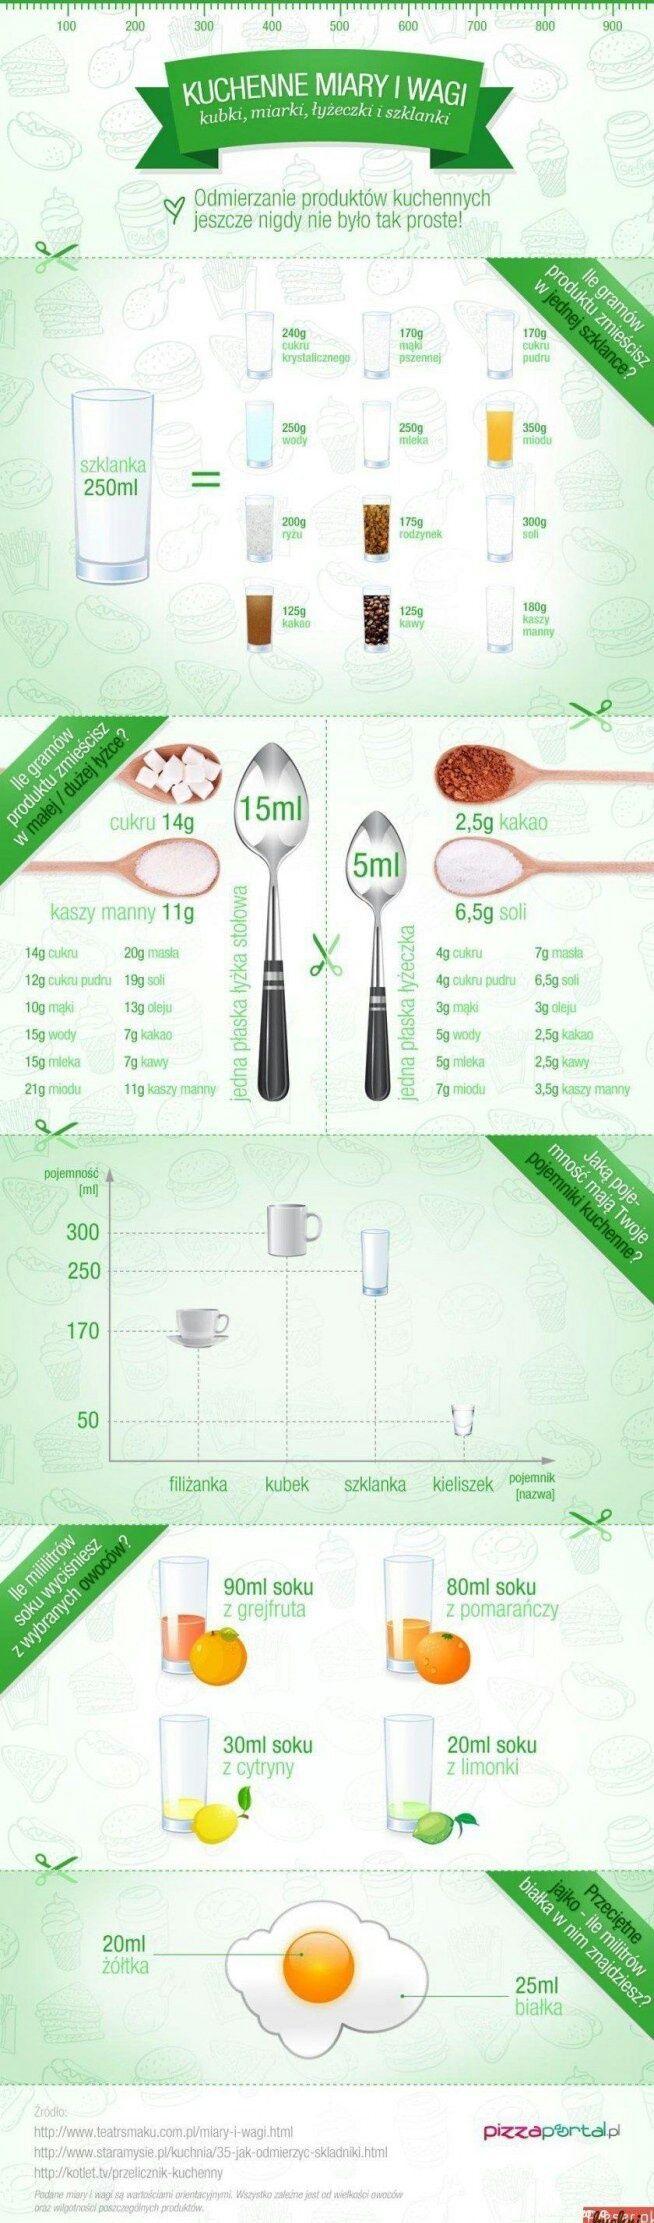 Kuchenne miary i wagi - Motywator Dietetyczny